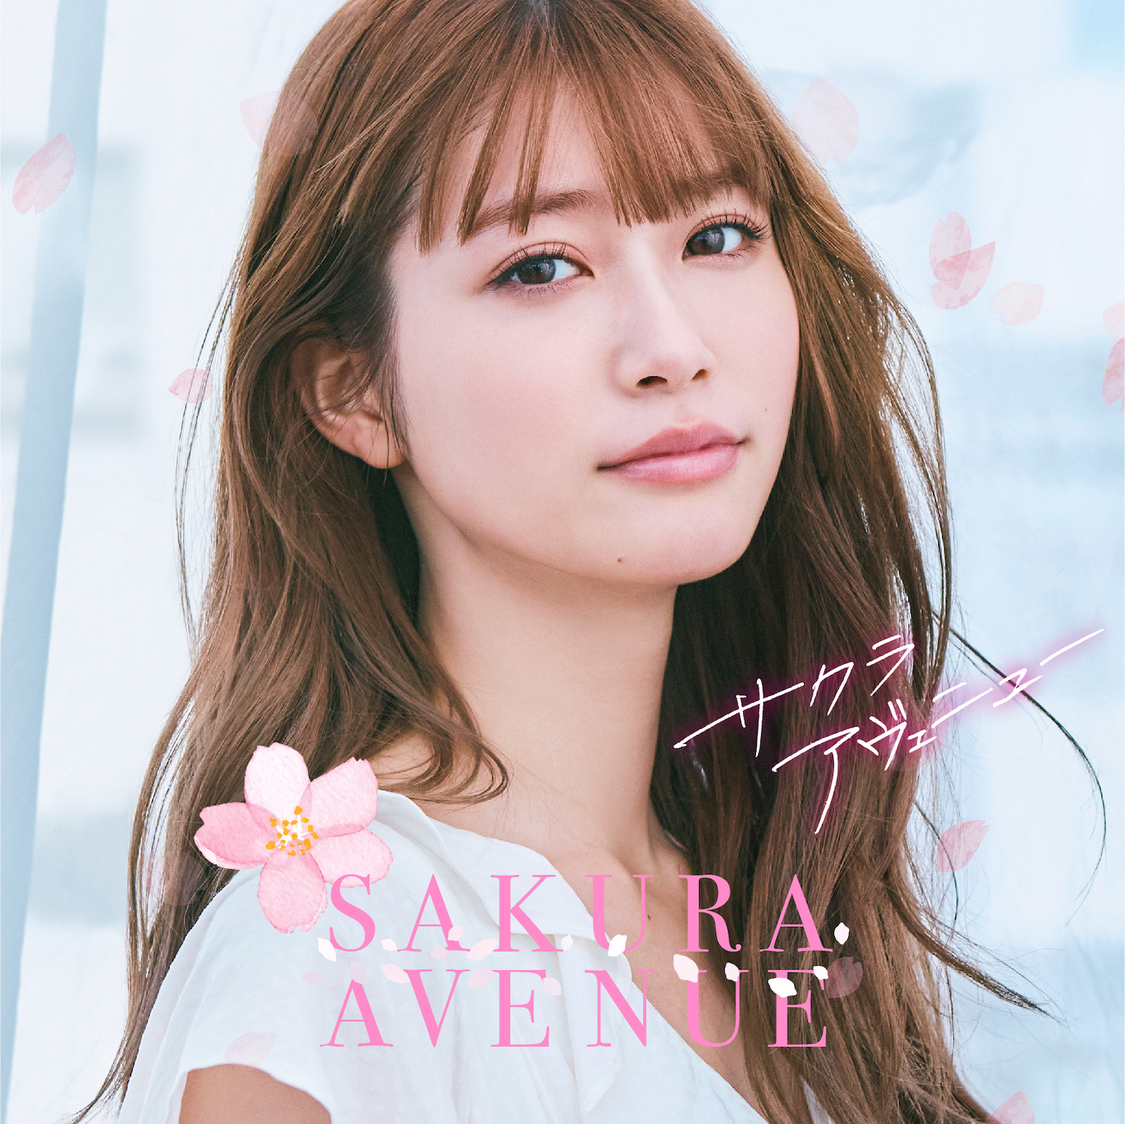 ノンストップMIXコンピレーションCD『サクラ・アヴェニュー』